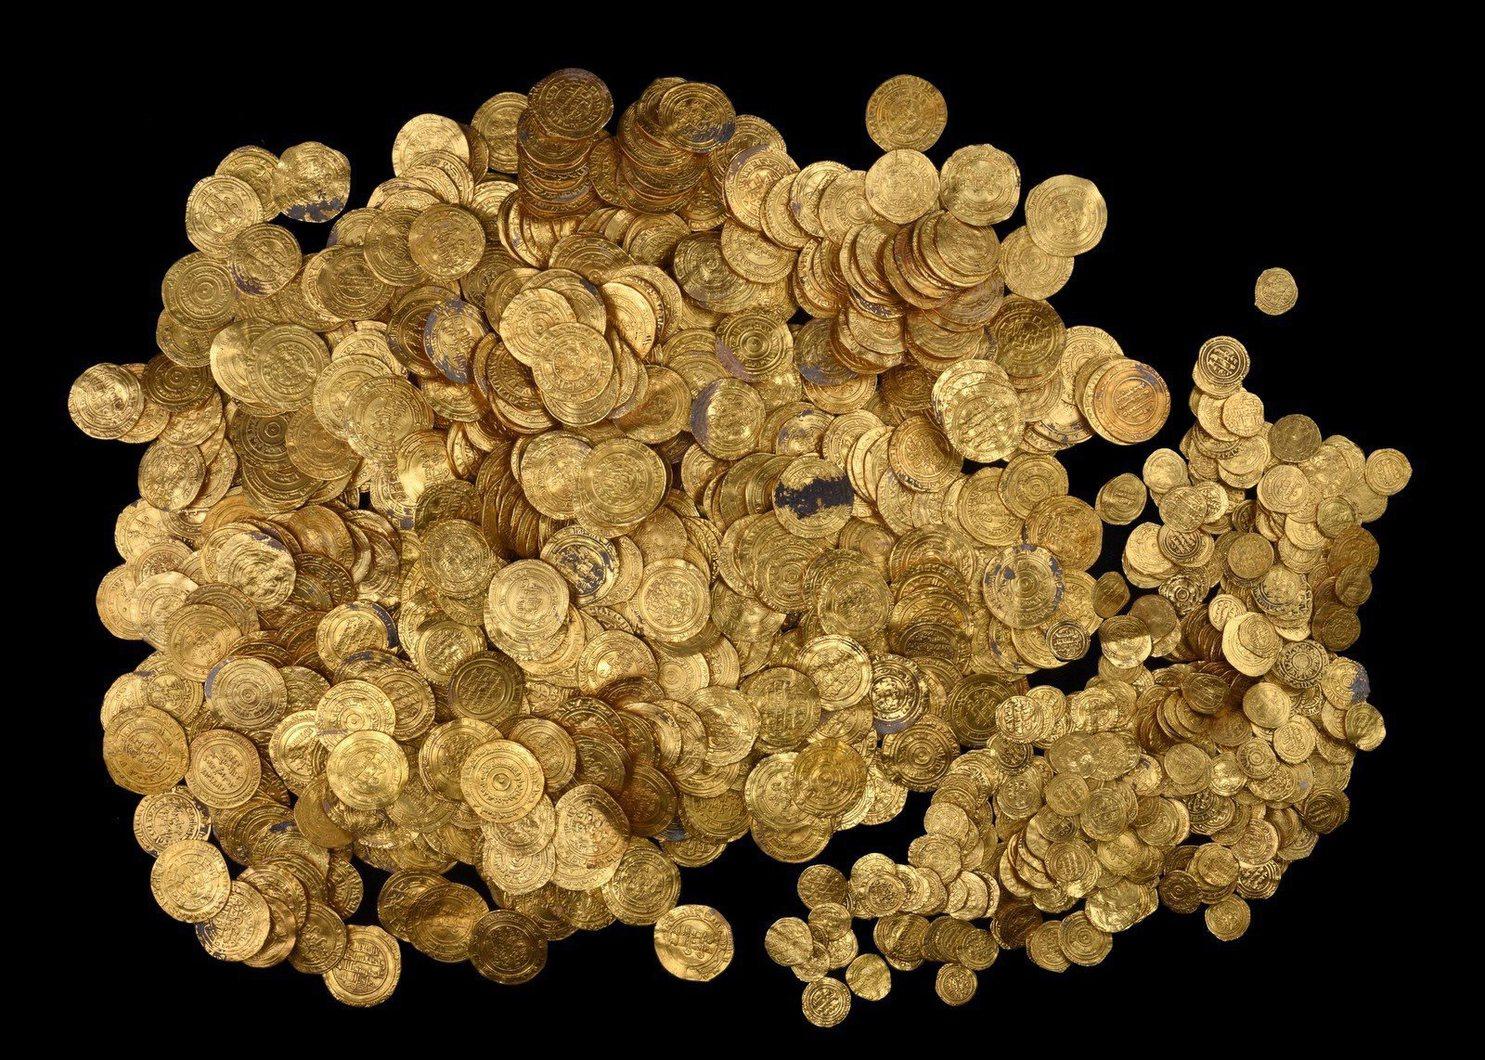 Enorme goudschat gevonden in Israël (IAA)